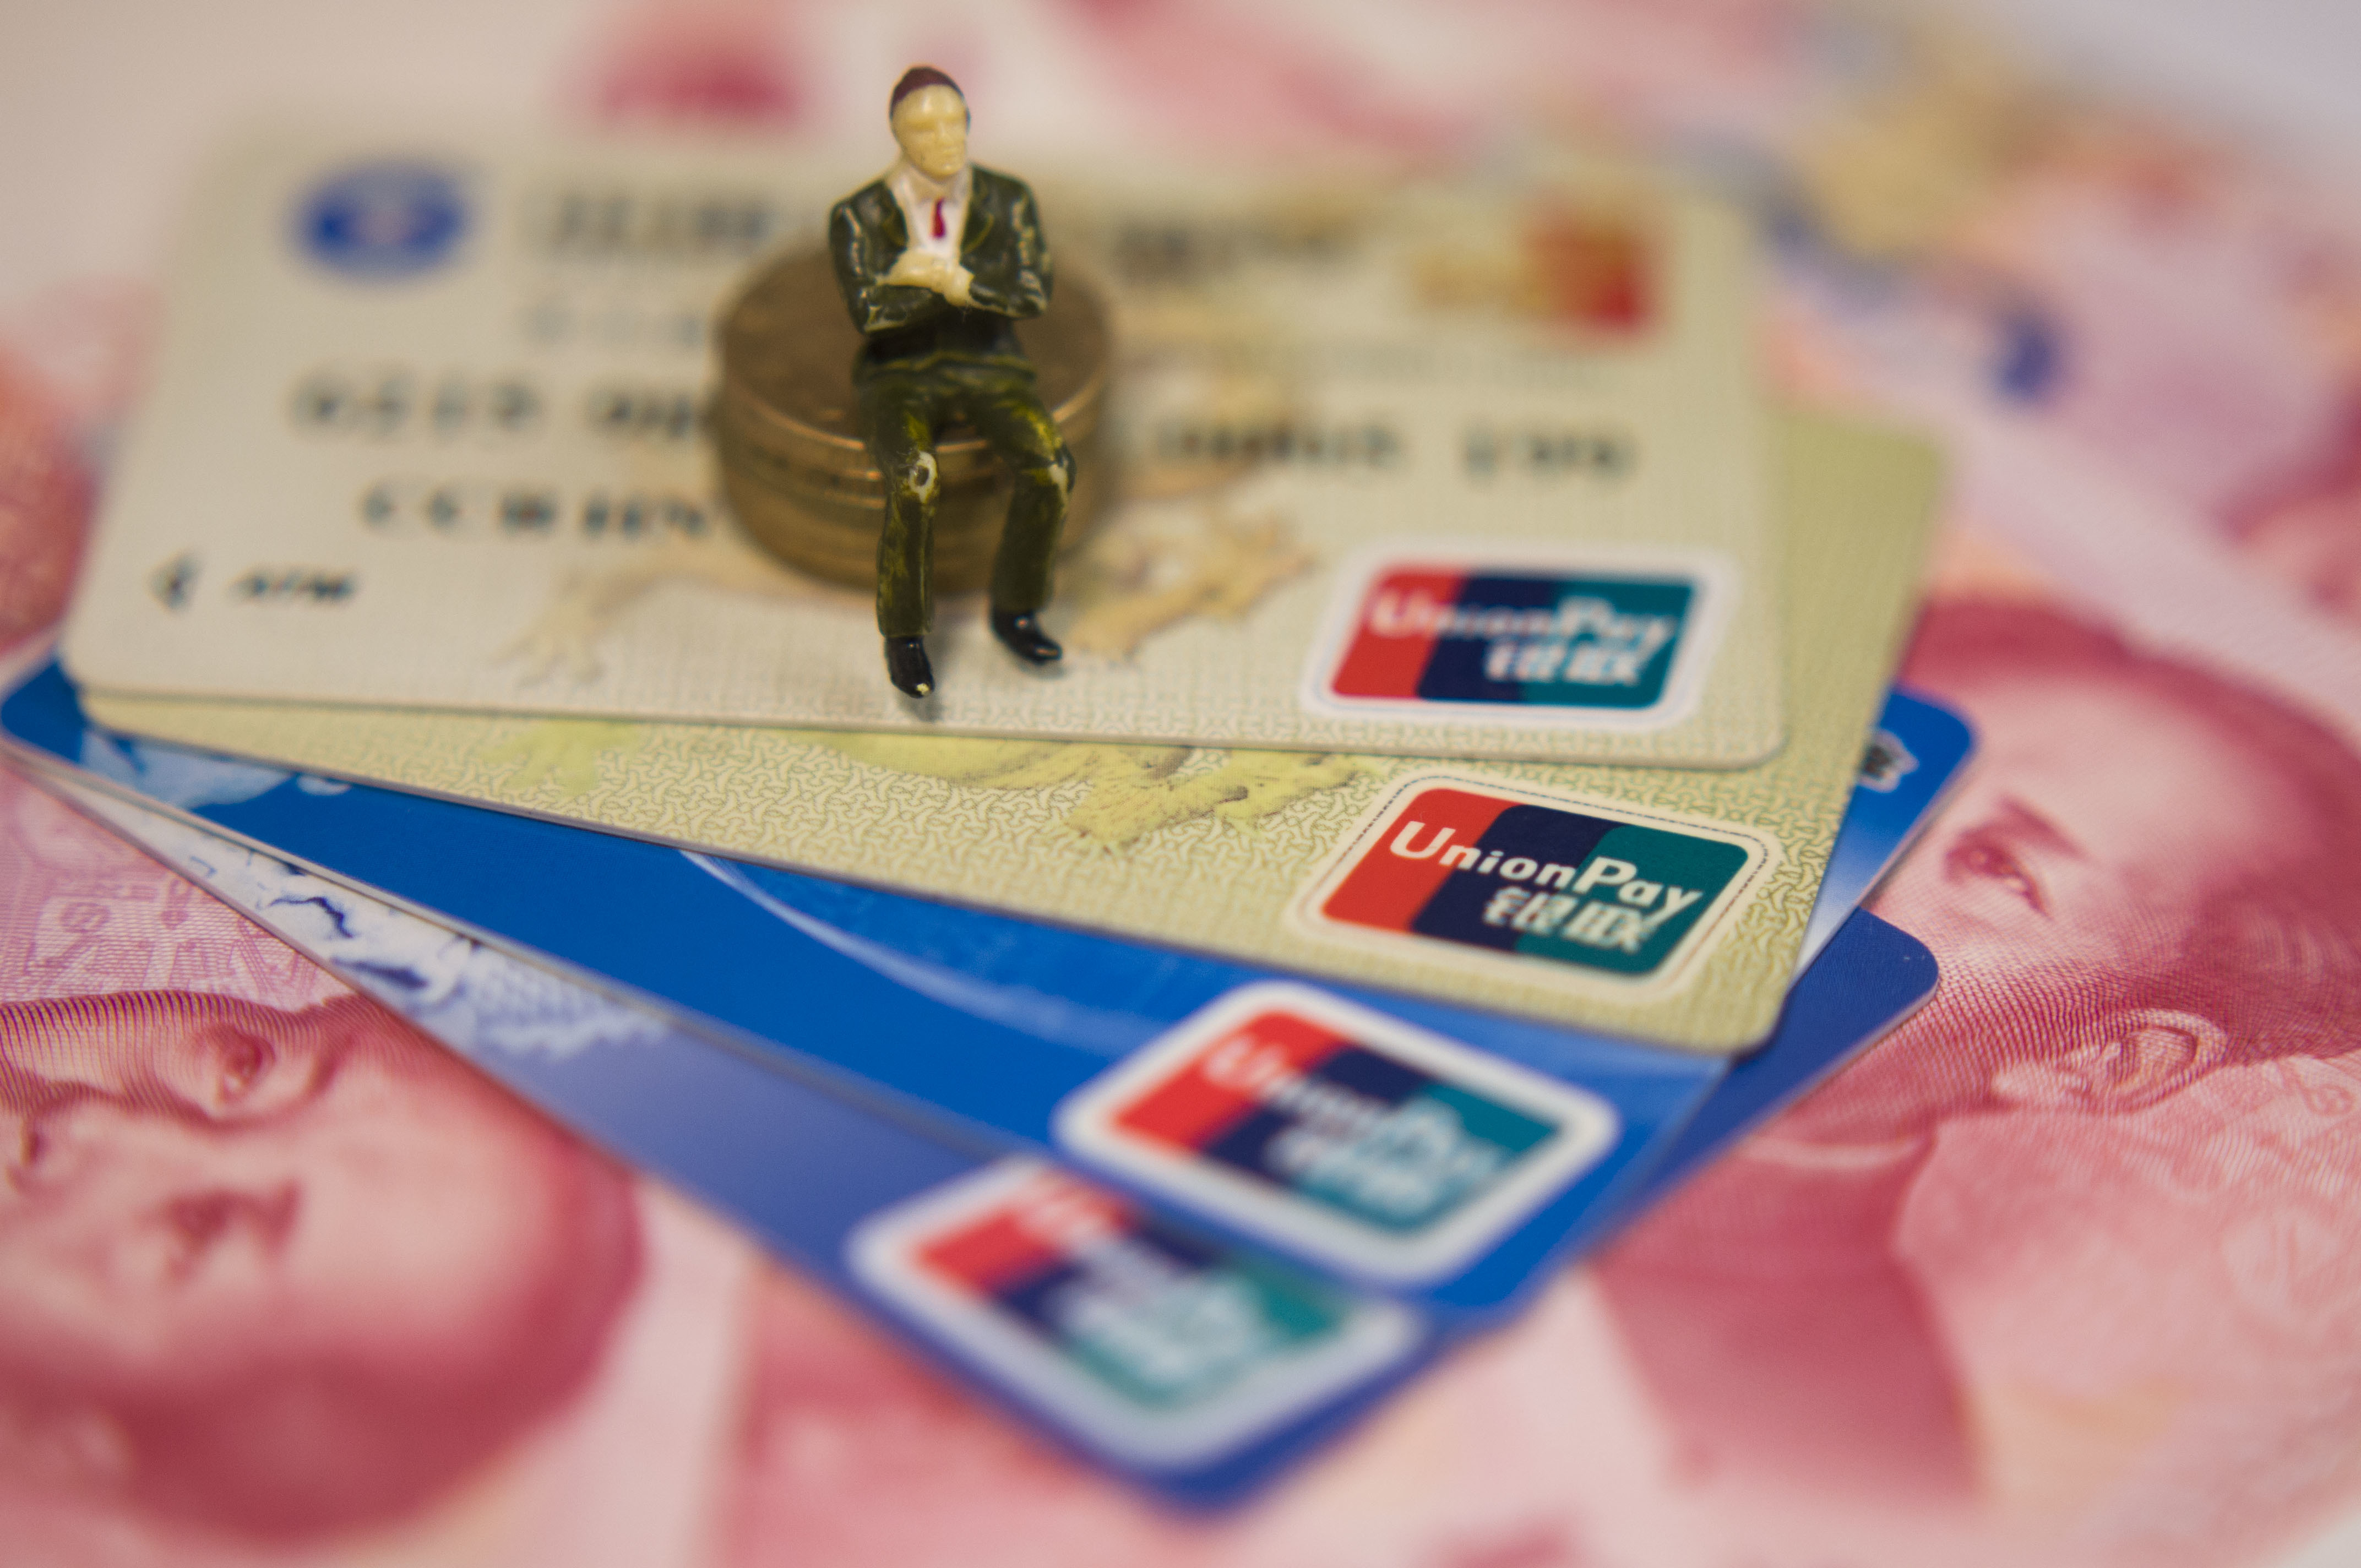 10月放水预测:这5家银行信用卡秒批额度高!